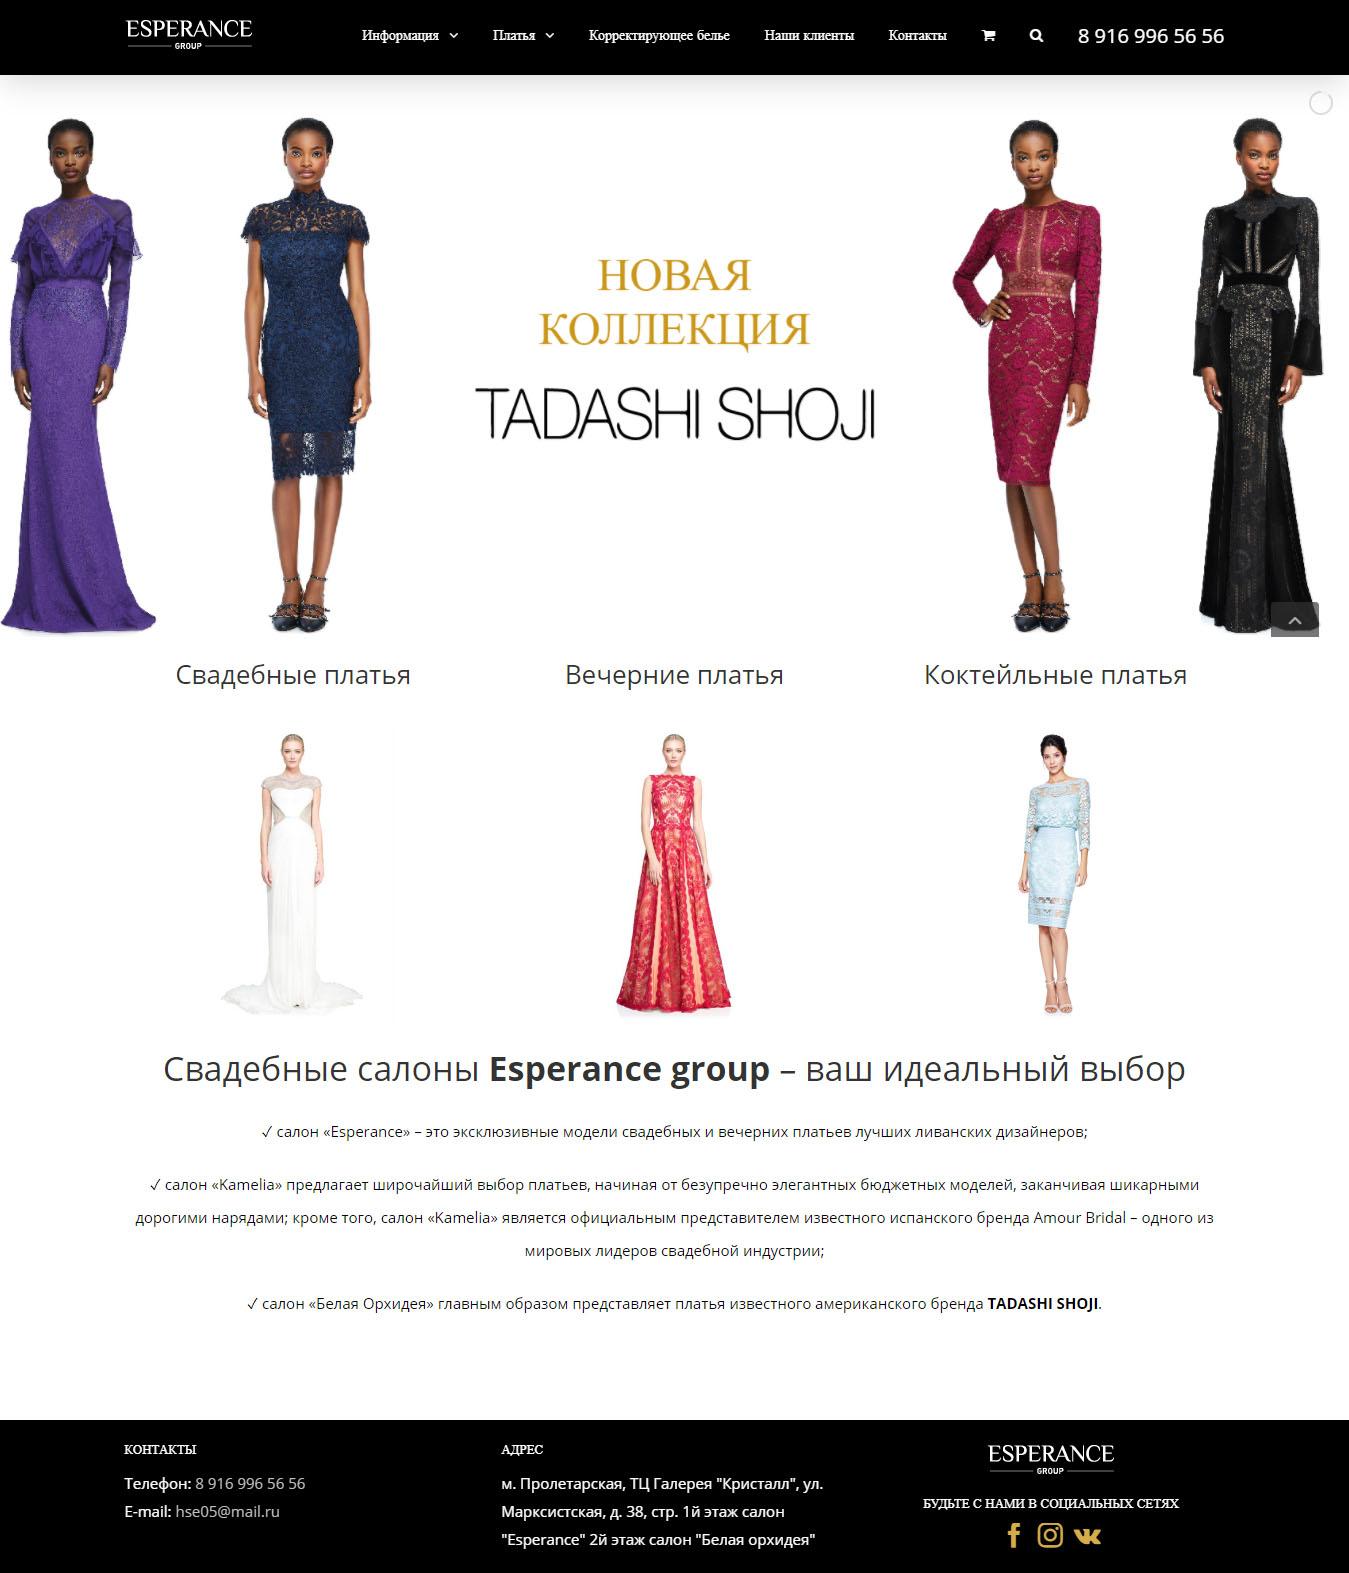 Создание интернет-магазина свадебных платьев